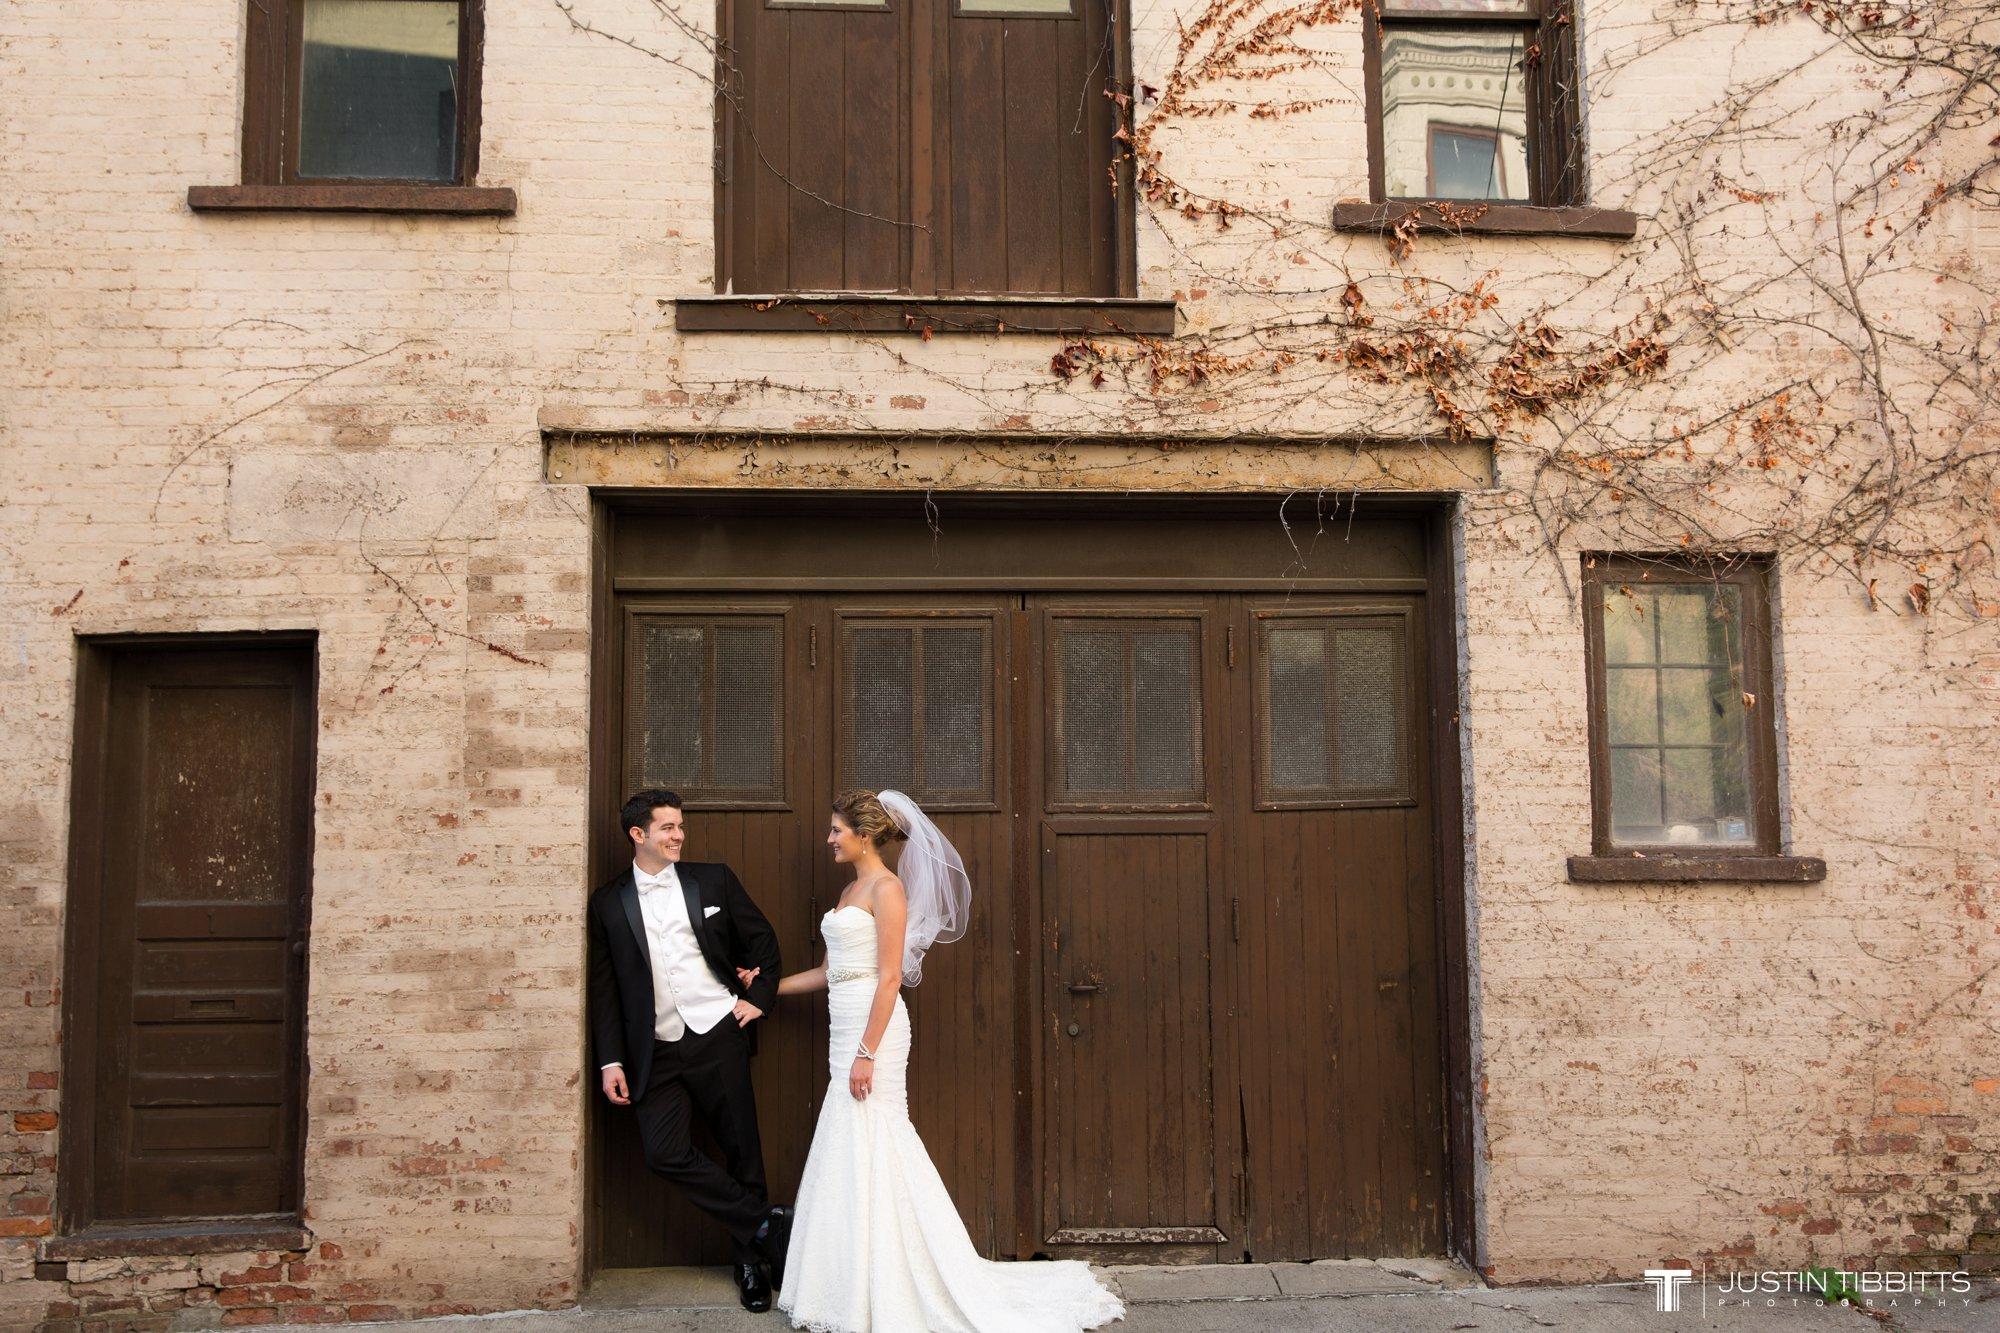 Albany NY Wedding Photographer Justin Tibbitts Photography 2014 Best of Albany NY Weddings-26237108